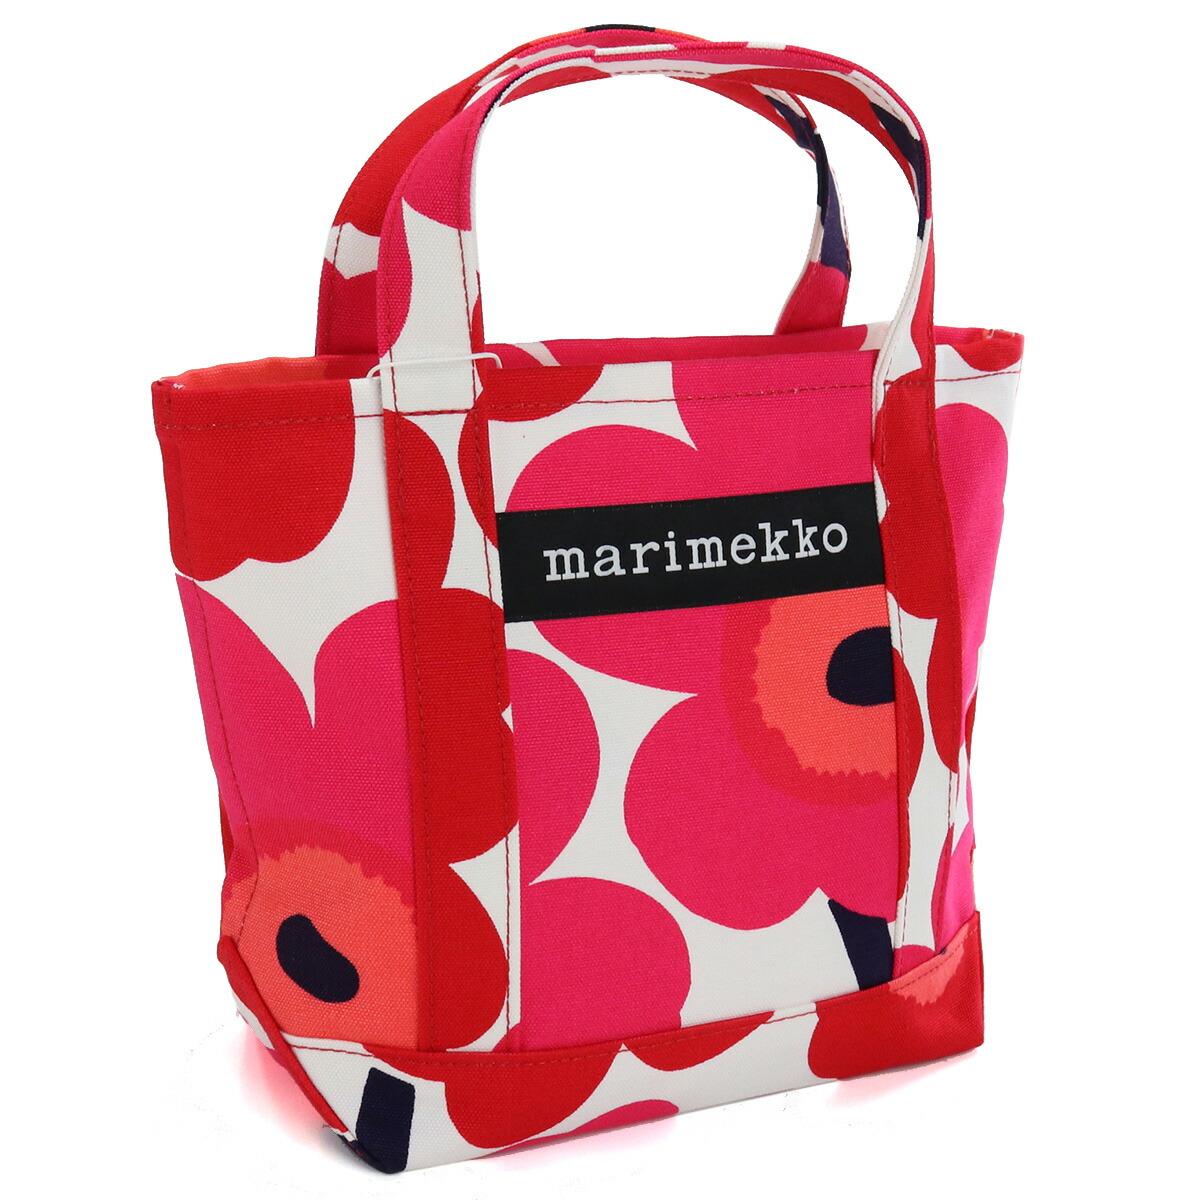 マリメッコ marimekko トートバッグ ブランドバッグ unikko ウニッコ 48294 001 レッド系 ホワイト系 bag-01